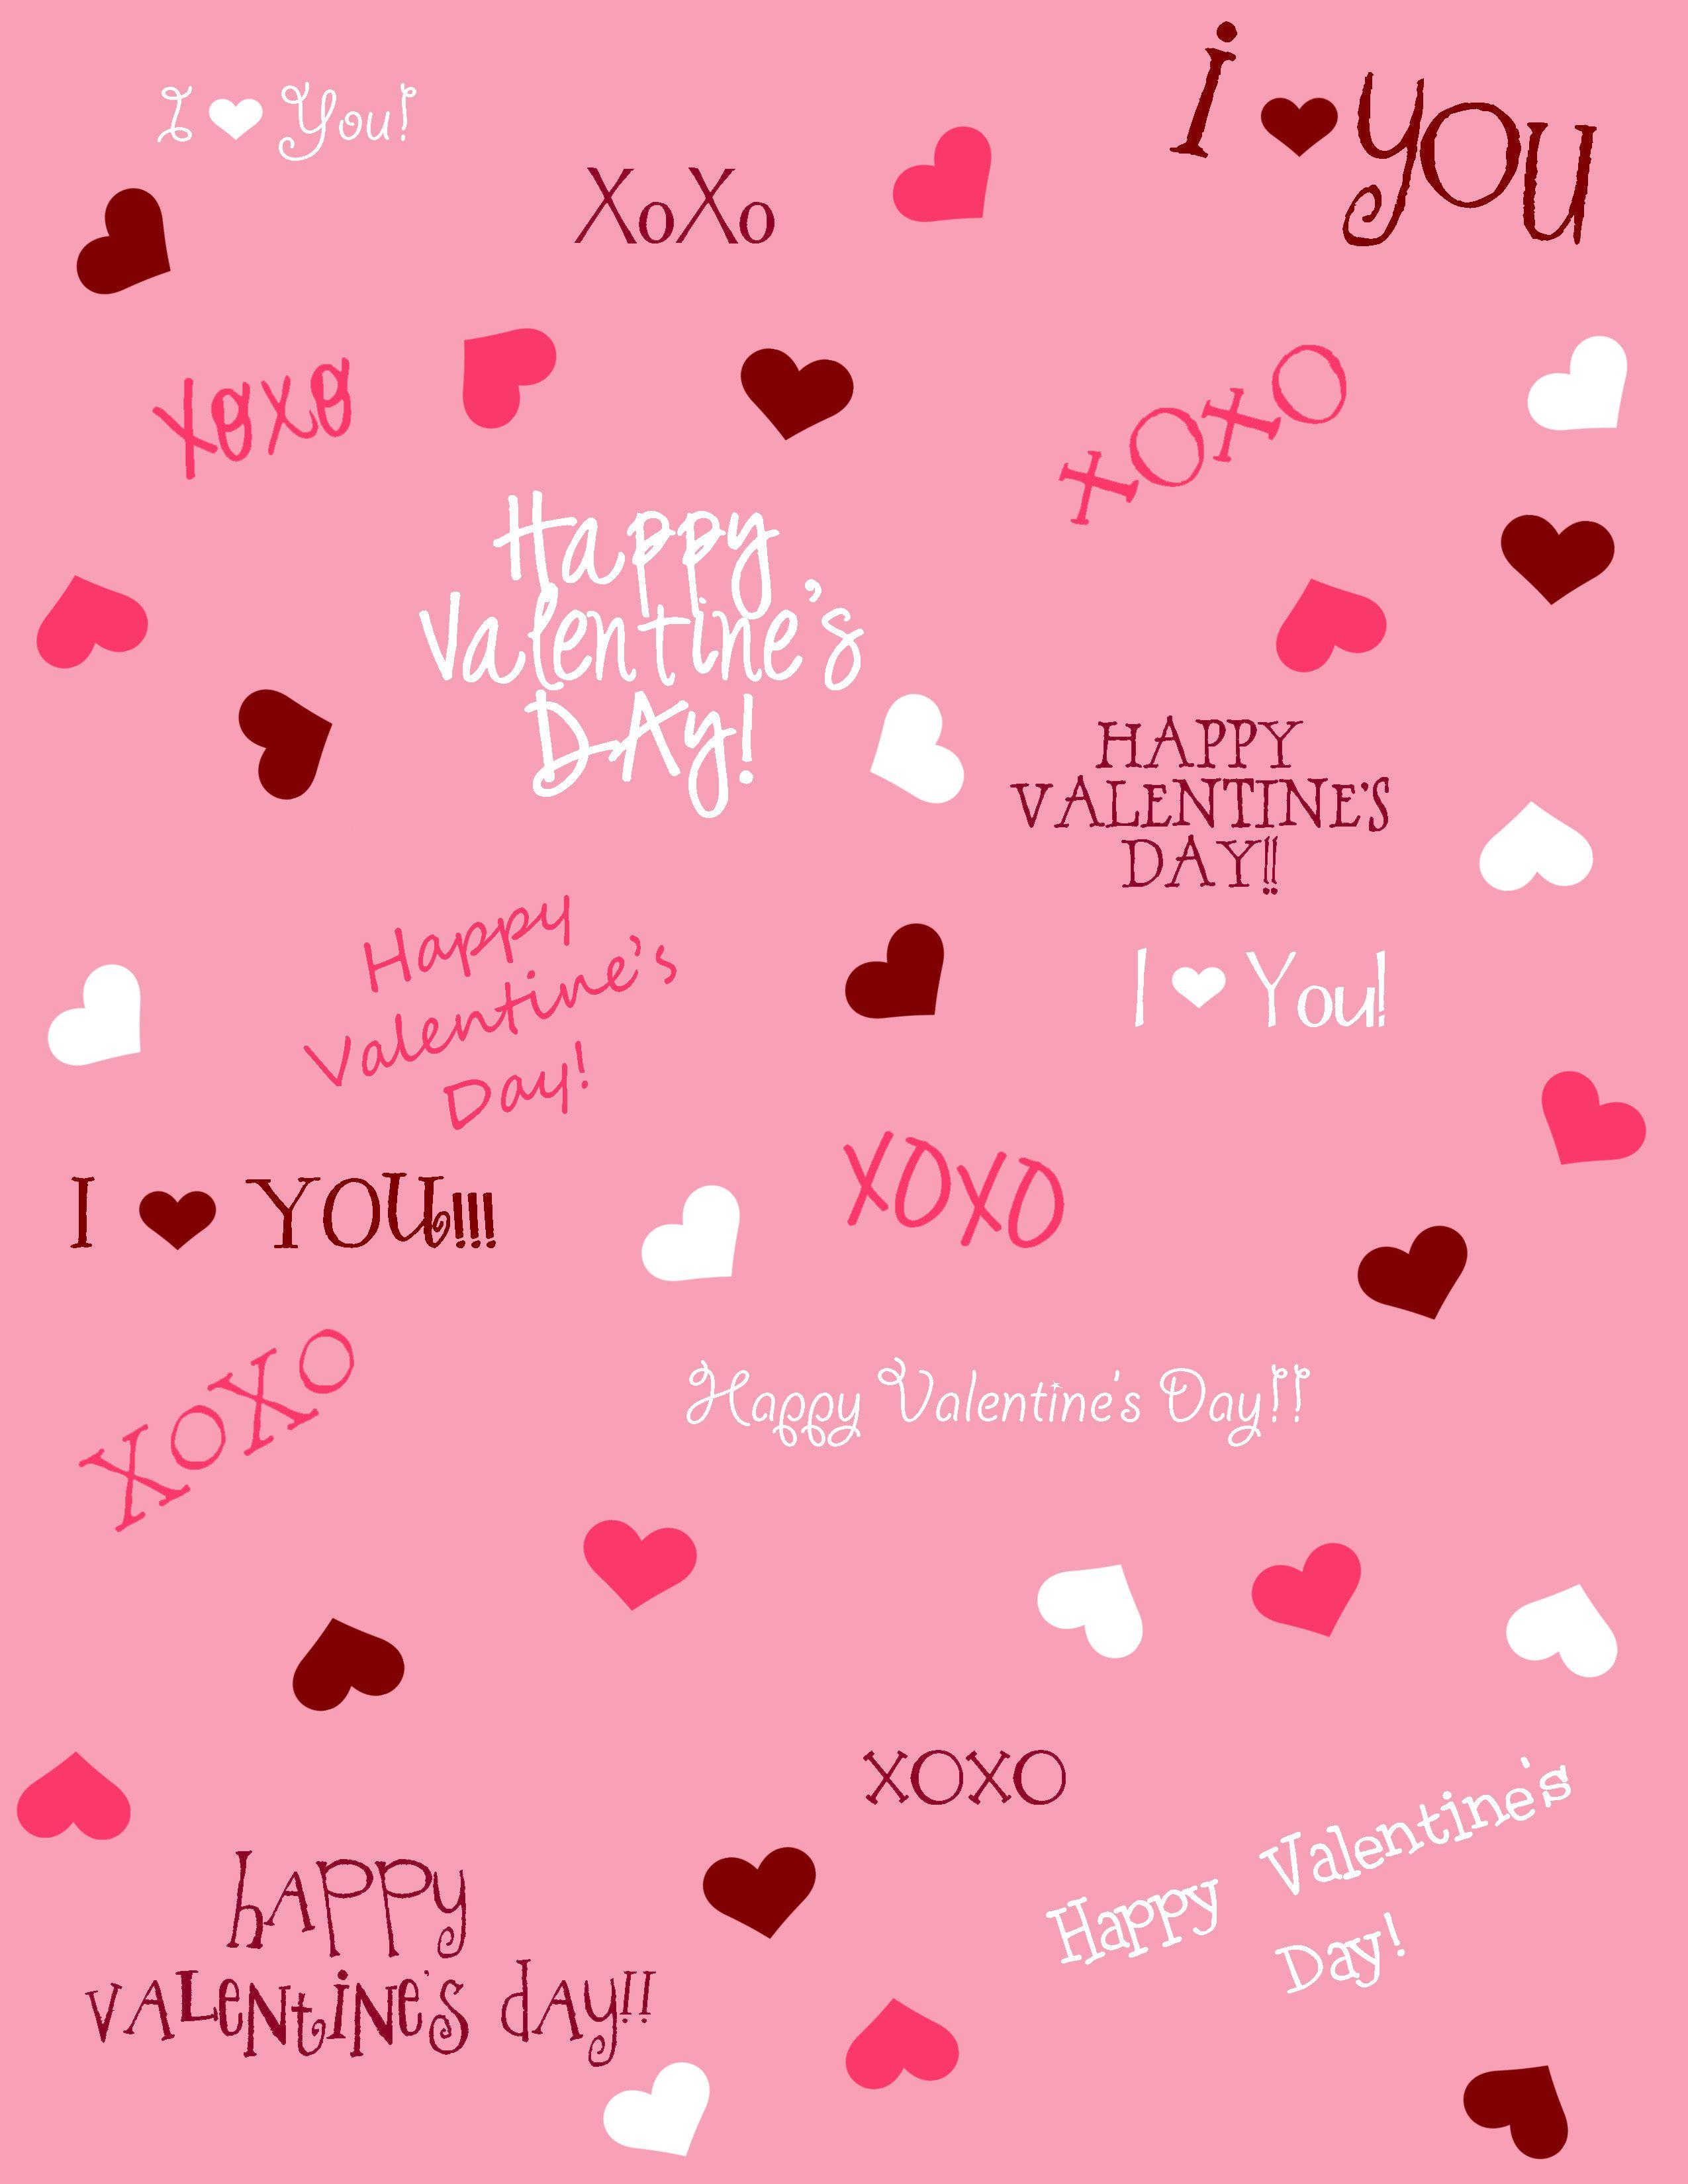 Scrapbook paper designs - Valentines Day